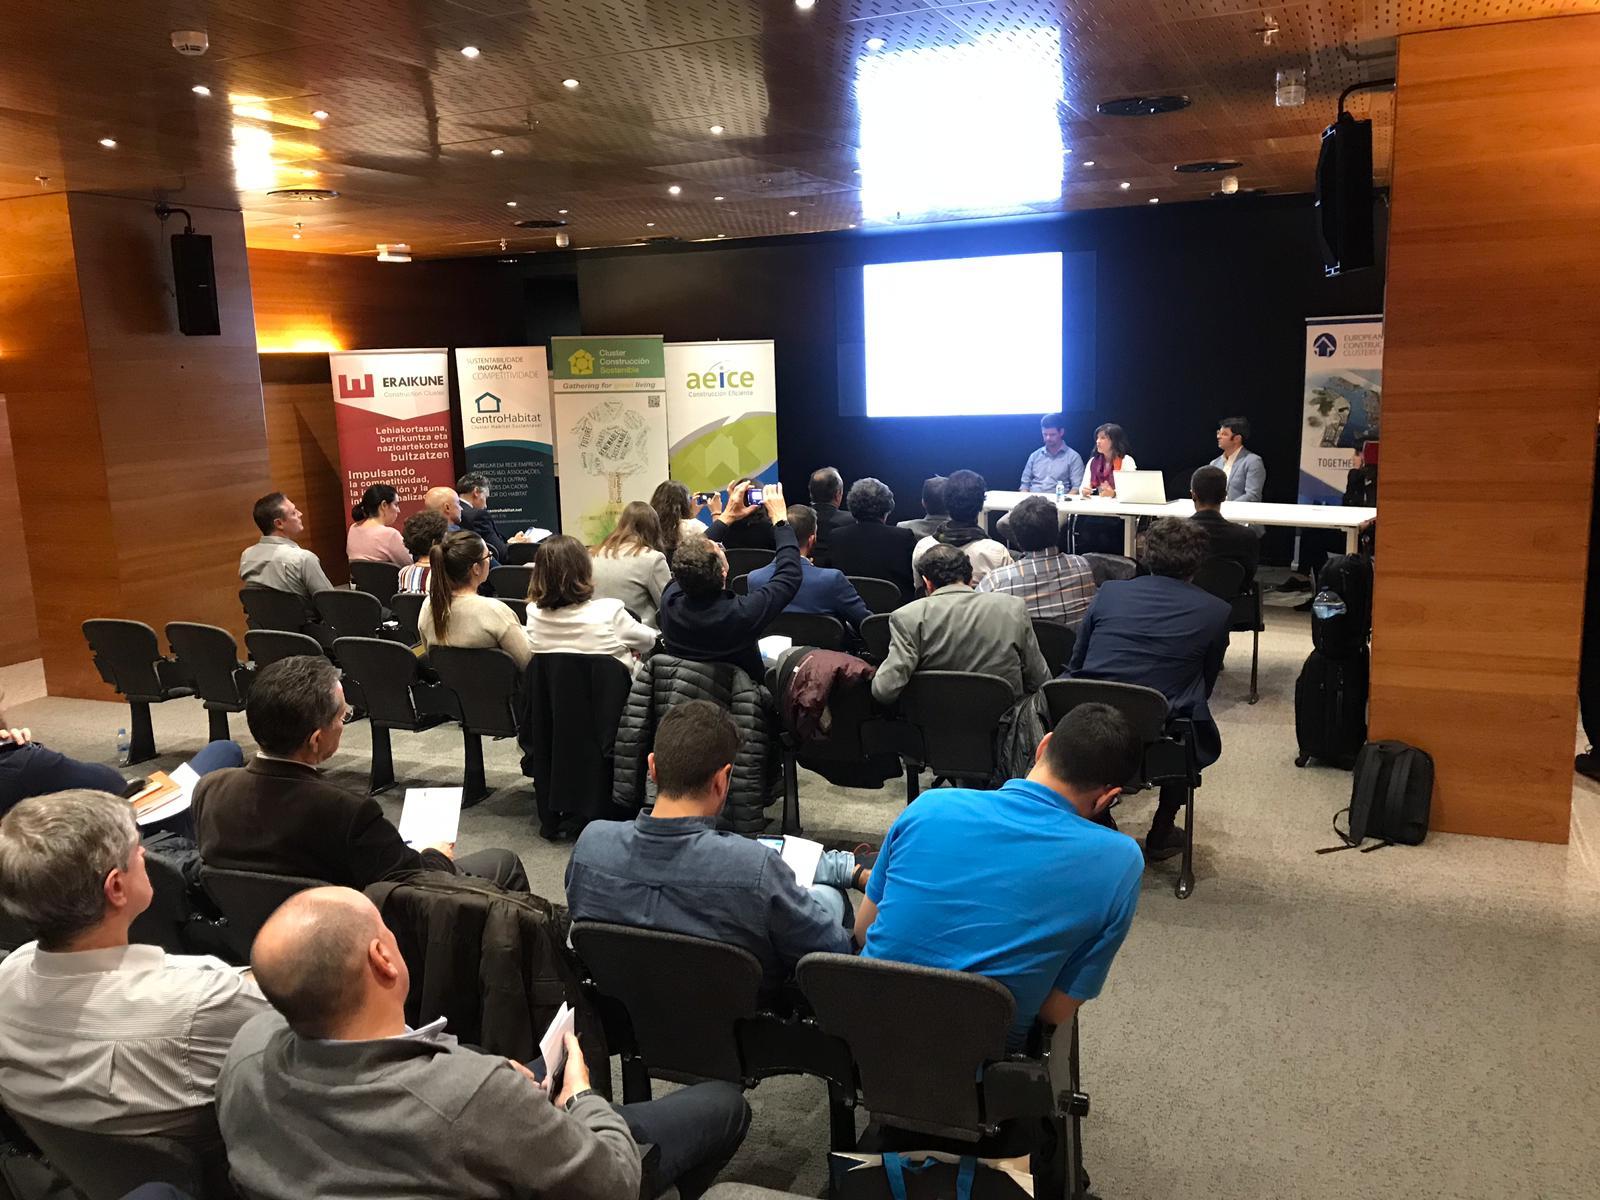 imagen 2 de noticia: participamos-en-el-workshop-organizado-por-el-foro-europeo-de-clsteres-de-la-construccin-sobre-nuevos-modelos-de-negocio-en-la-construccin